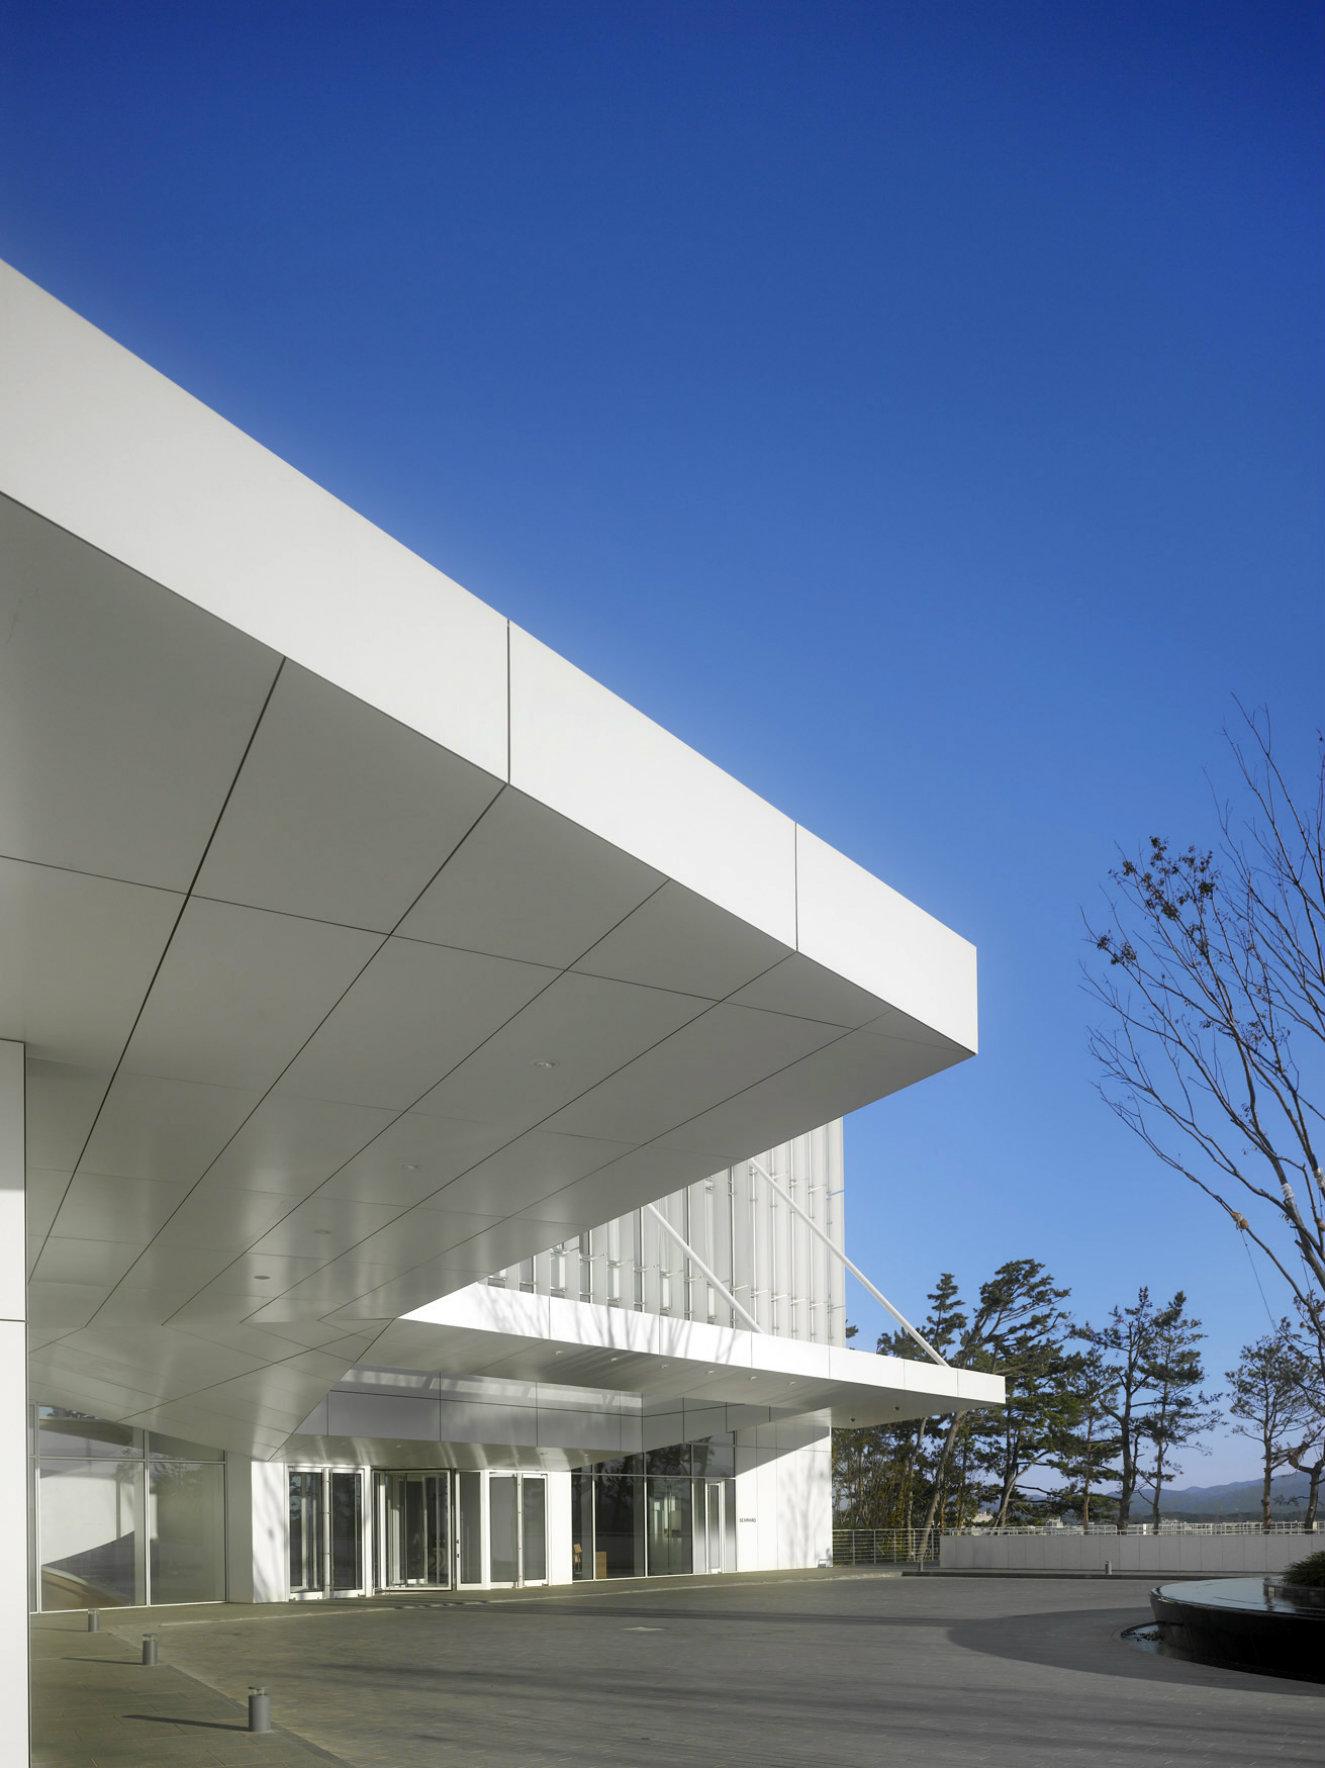 El acceso al hotel. Fotografía: © Roland Halbe. Cortesía, Richard Meier & Partners.